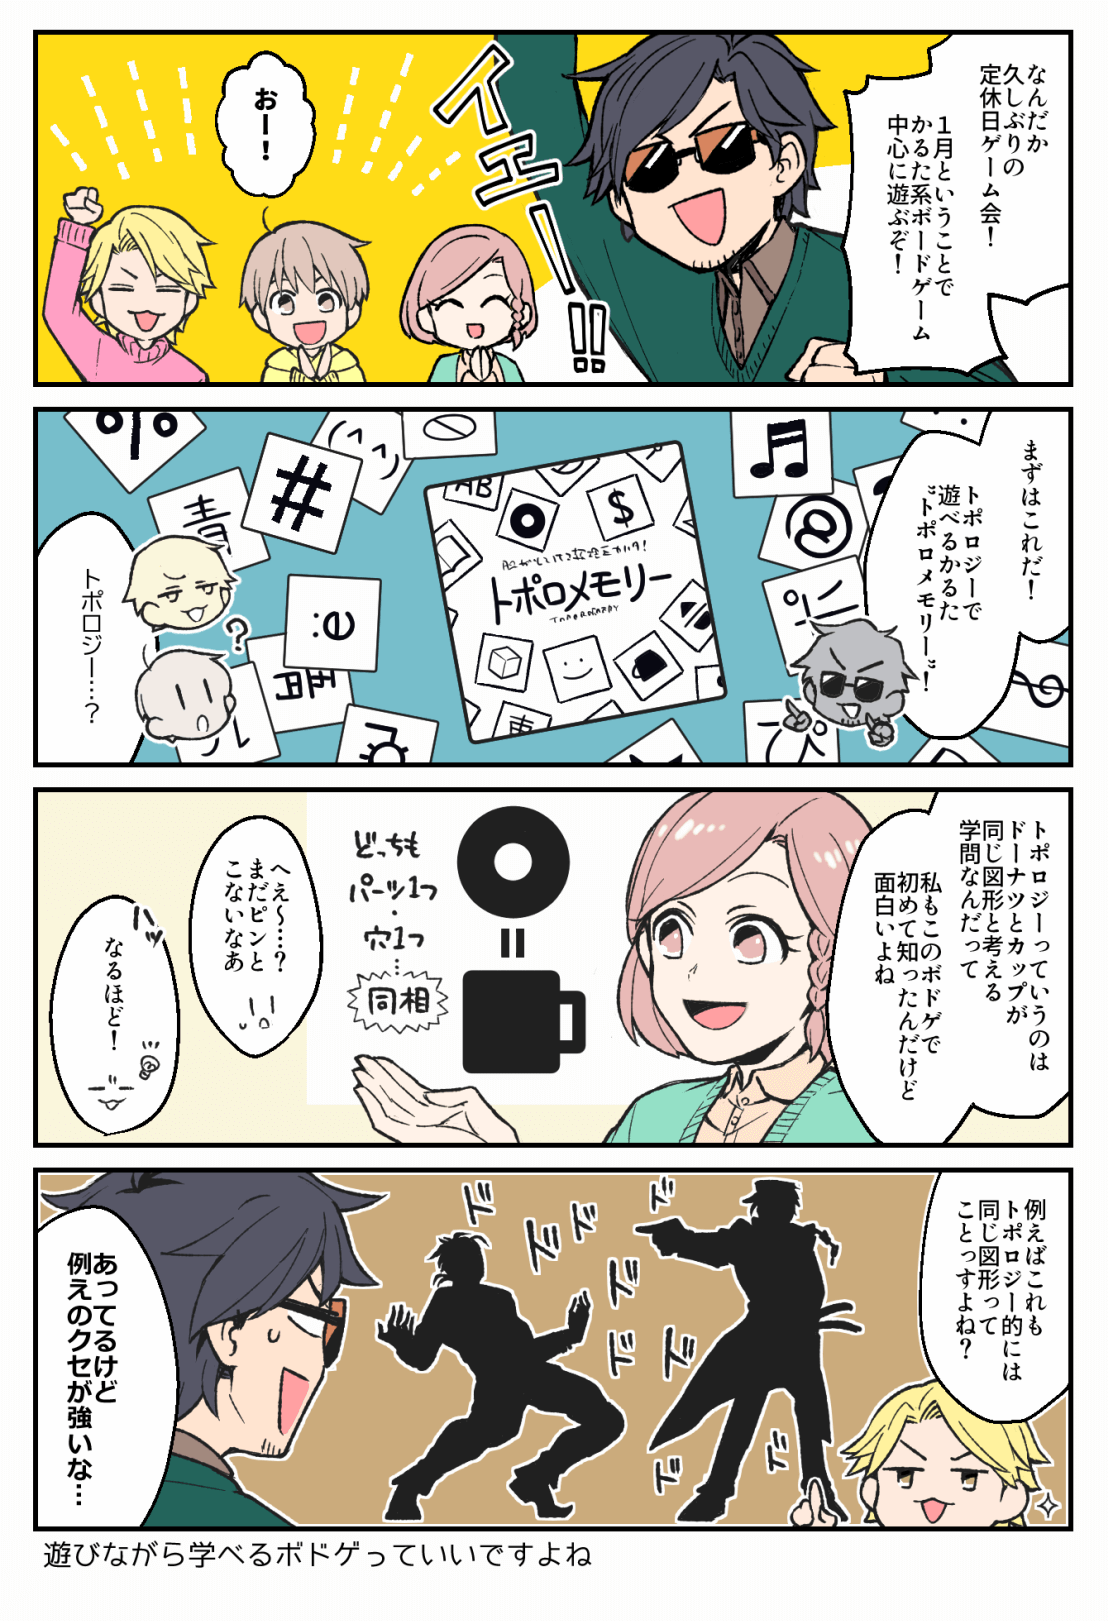 【4コマ漫画】ボしごとびより27